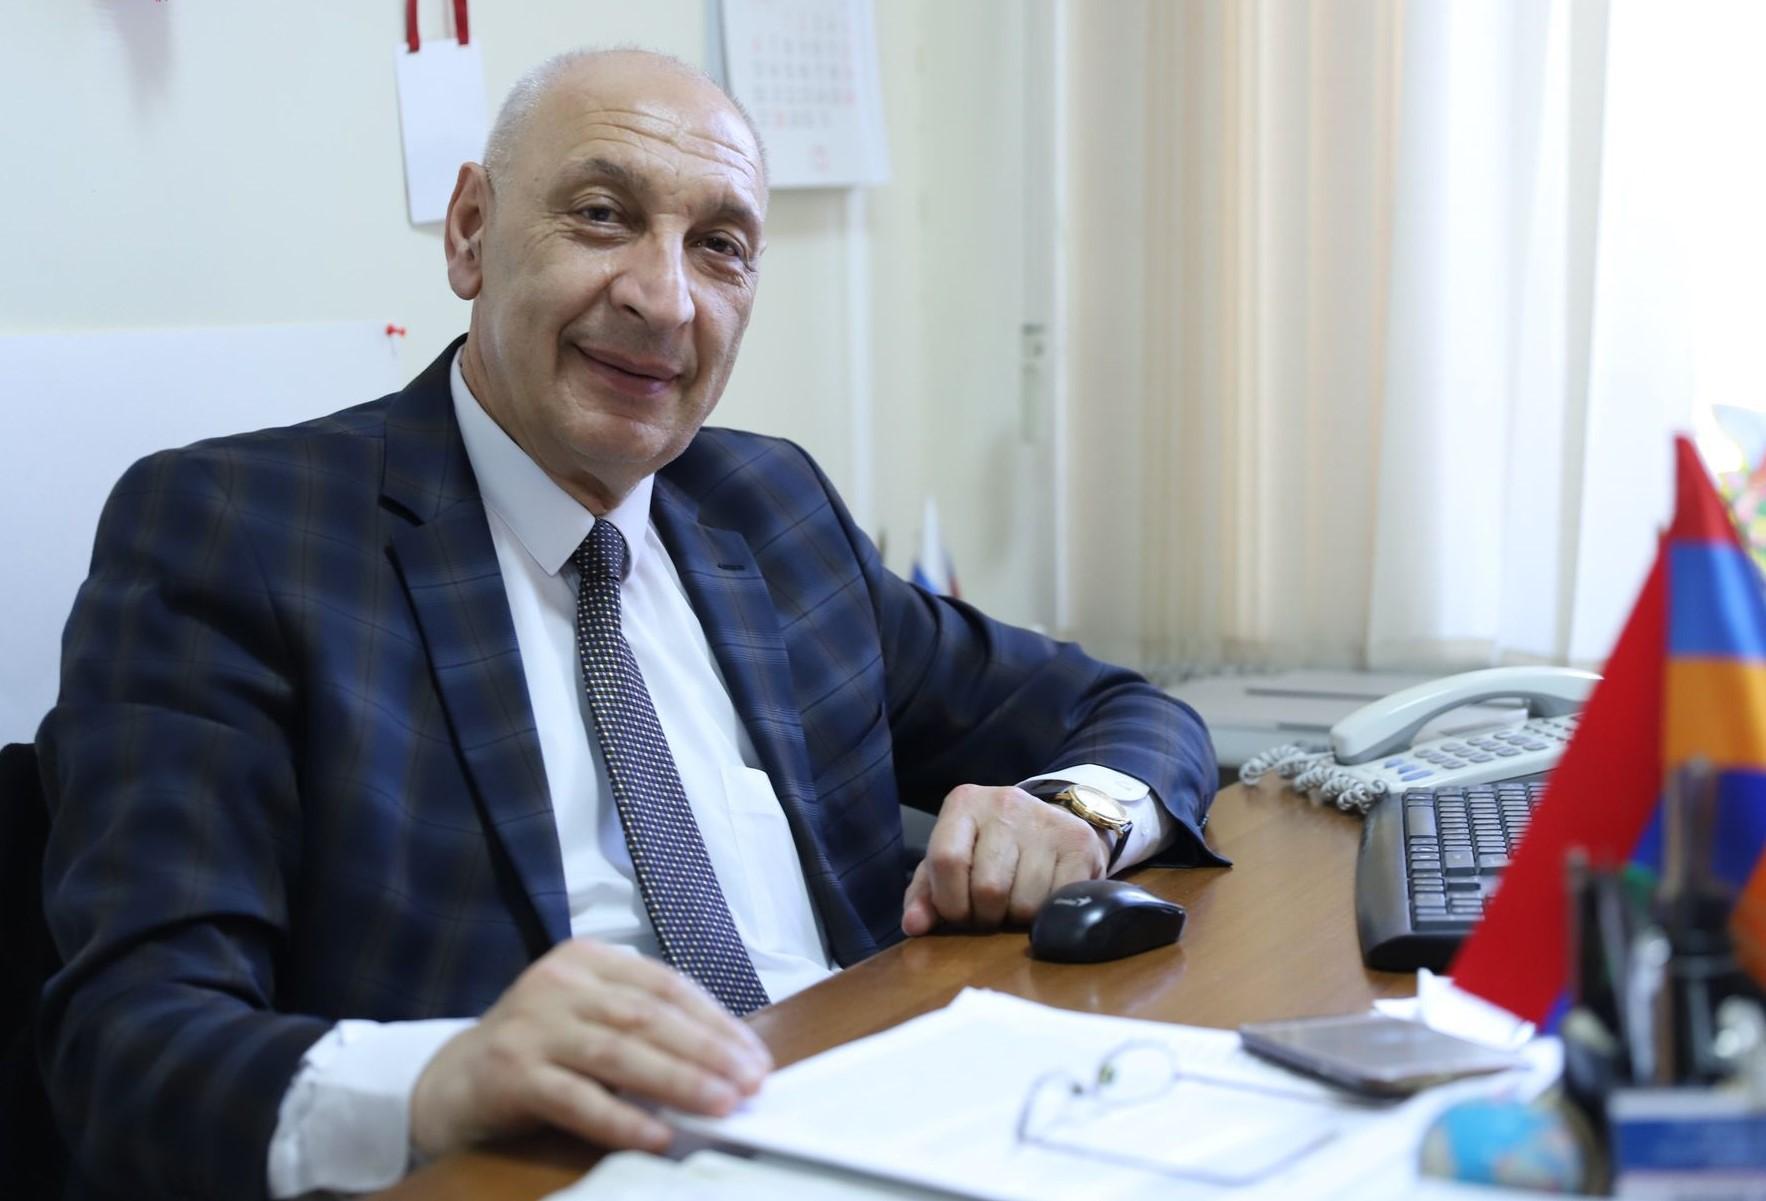 Photo of Մահացել է ՇՄ տեղեկատվության և հասարակայնության հետ կապերի բաժնի պետ Սամվել Գրիգորյանը